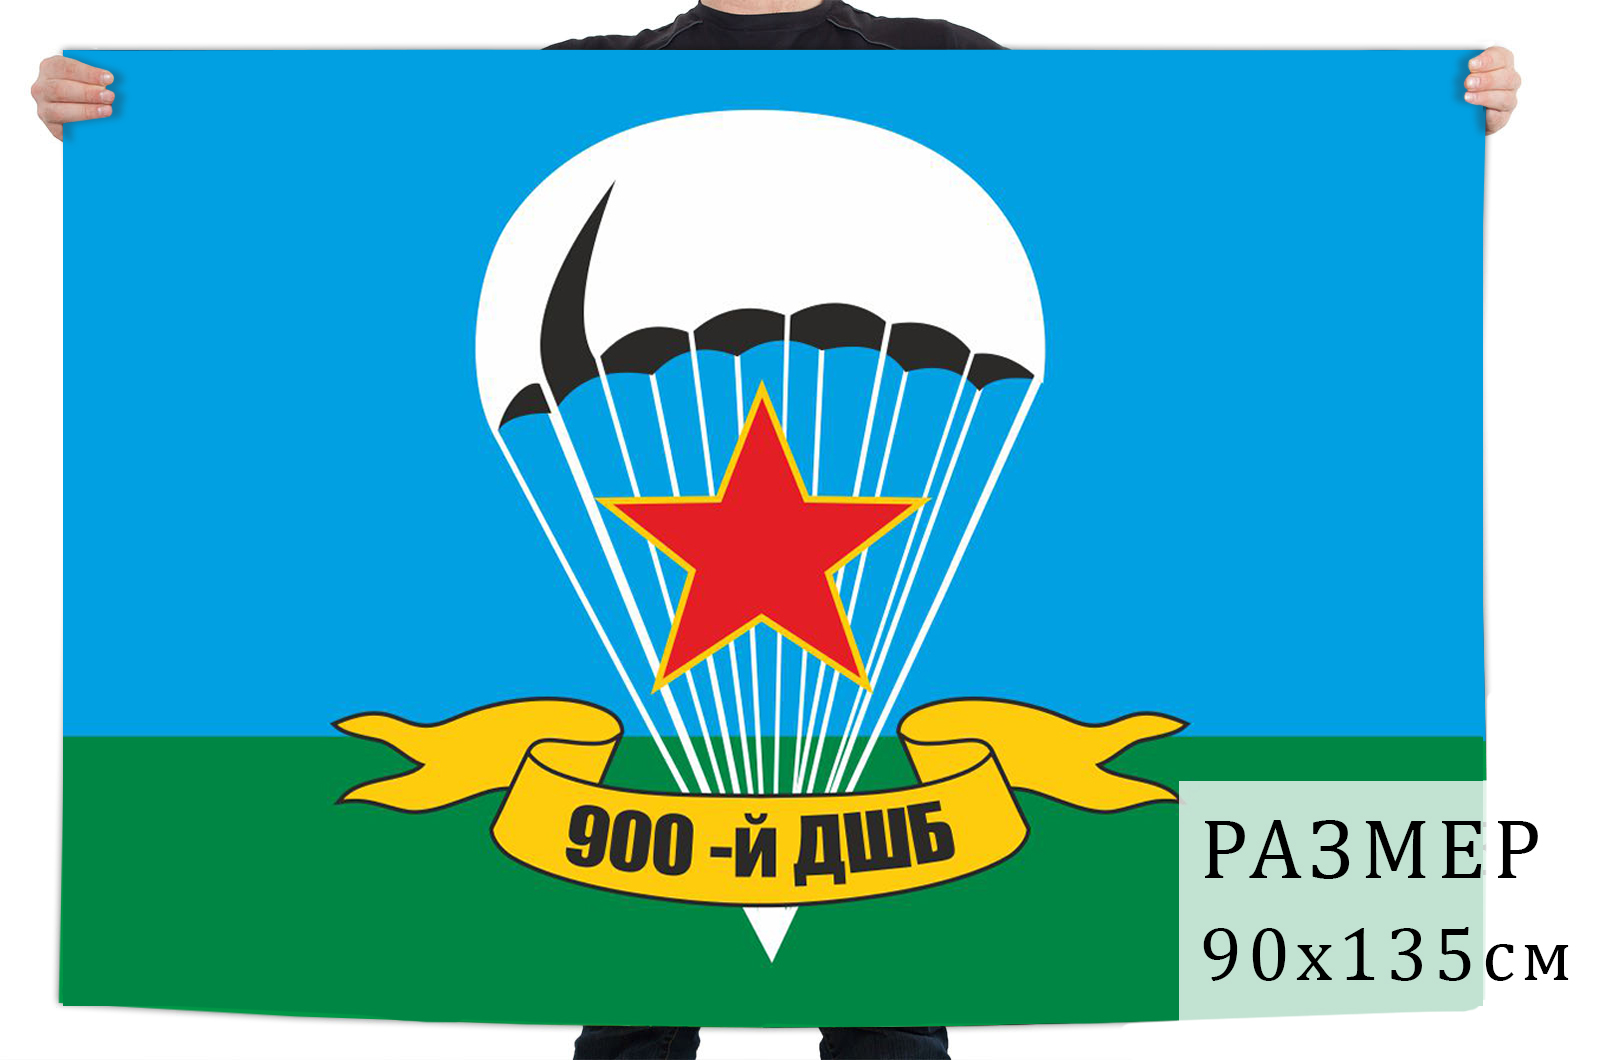 Флаг ВДВ 900 ДШБ